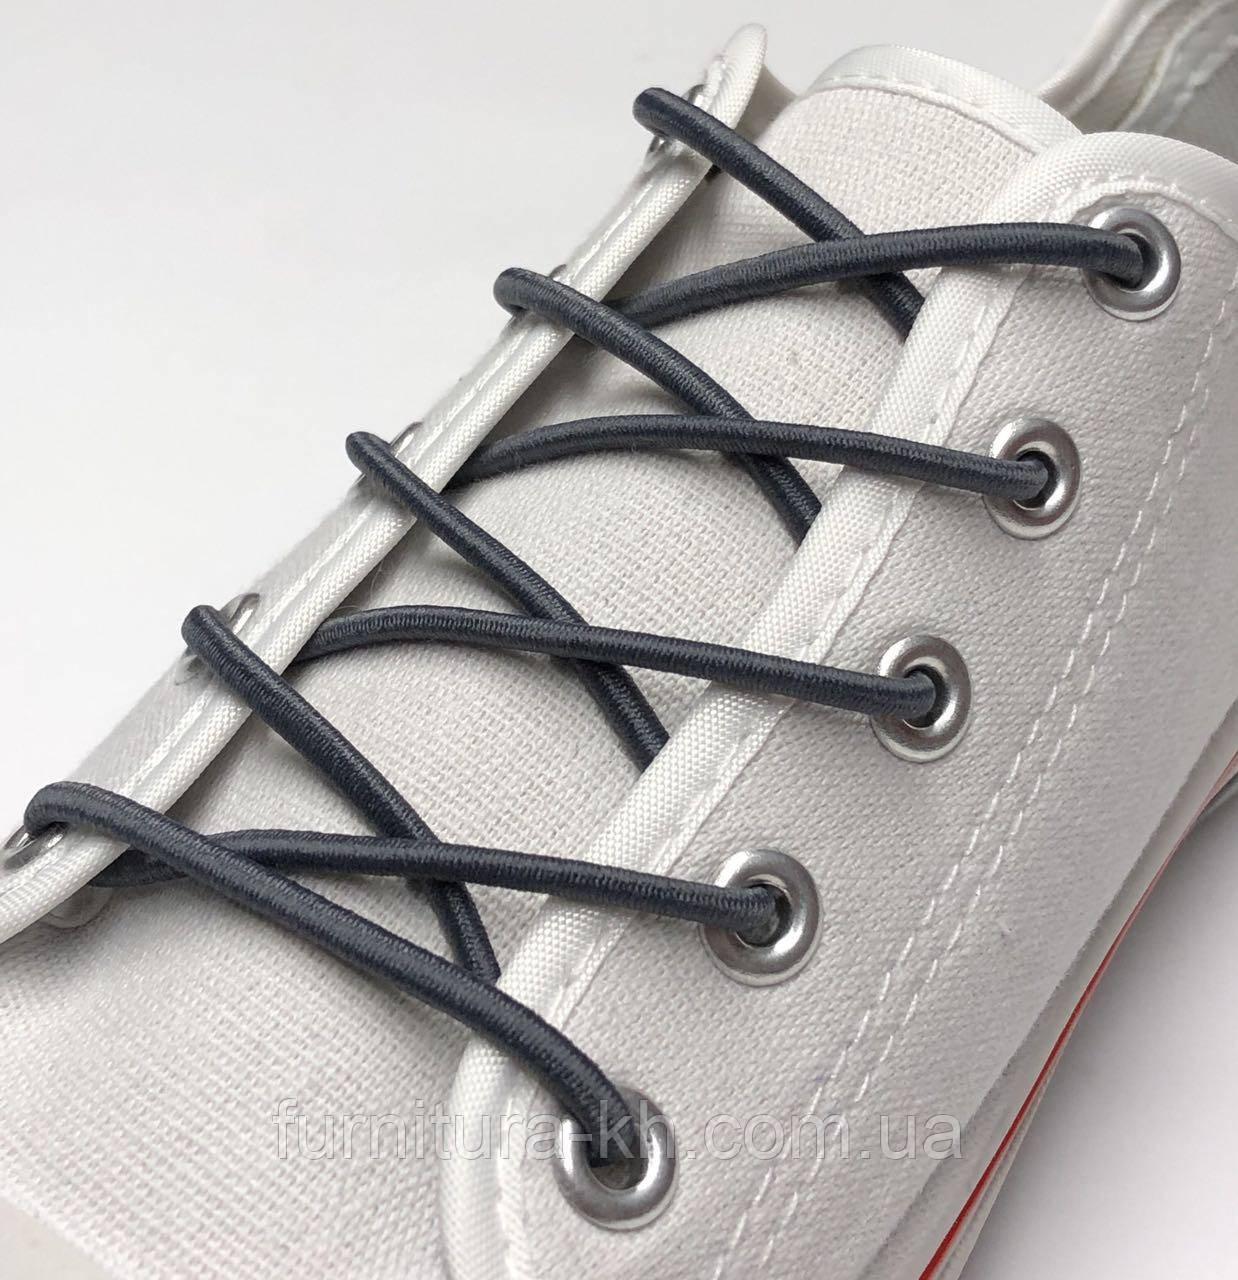 Шнурок Резиновый Круглый-Цвет Темно-Серый (толщина 3 мм).Длинна 0,80 см